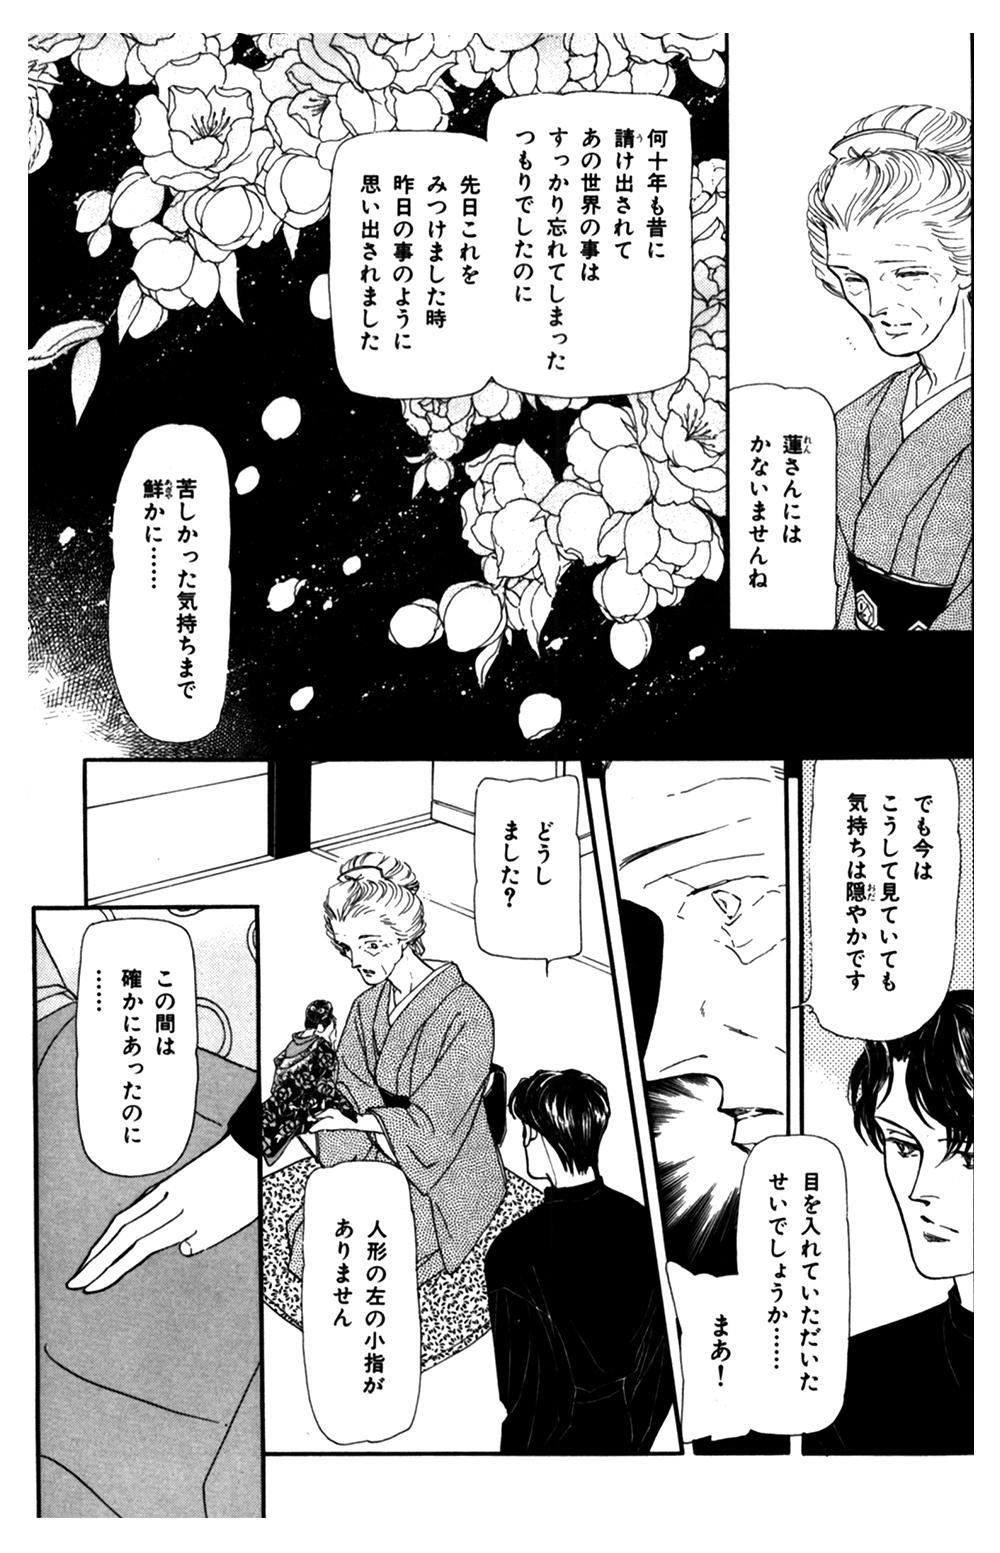 雨柳堂夢咄 第5話「花に暮れる」2uryudo-02-141.jpg